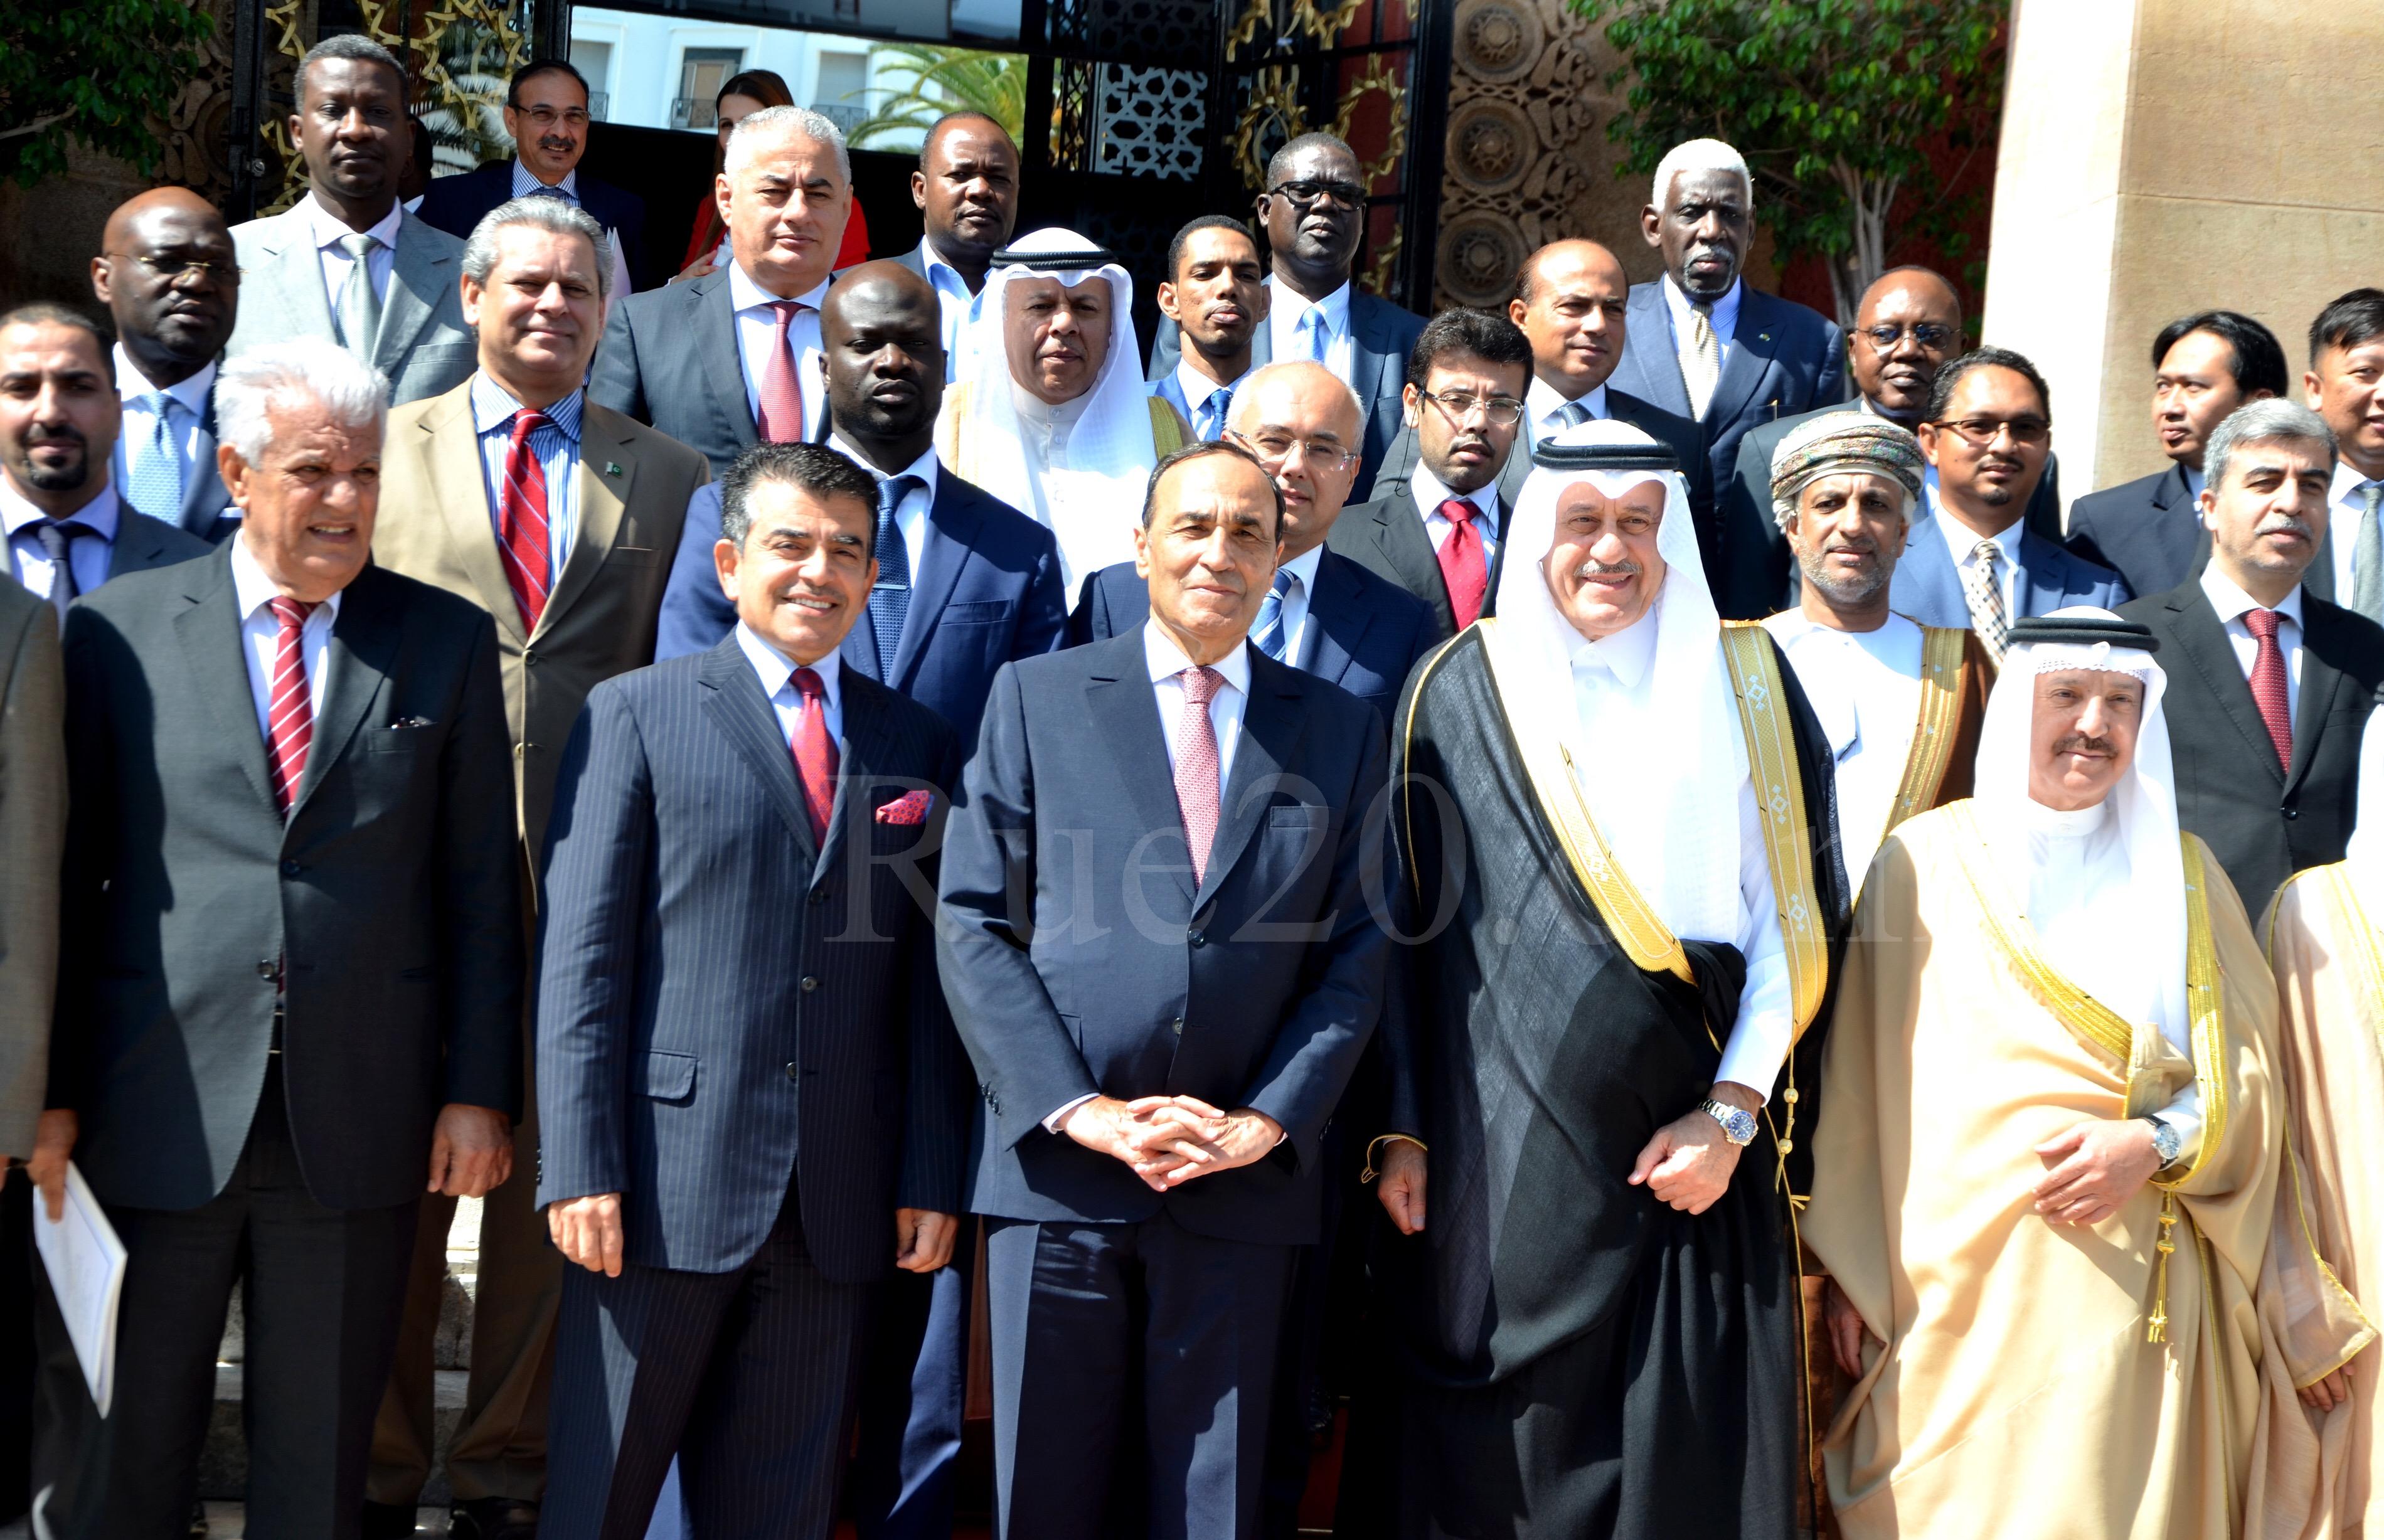 إتحاد برلمانات التعاون الإسلامي يدعو من الرباط لإقرار يوم عالمي لمناهضة الإسلاموفوبيا